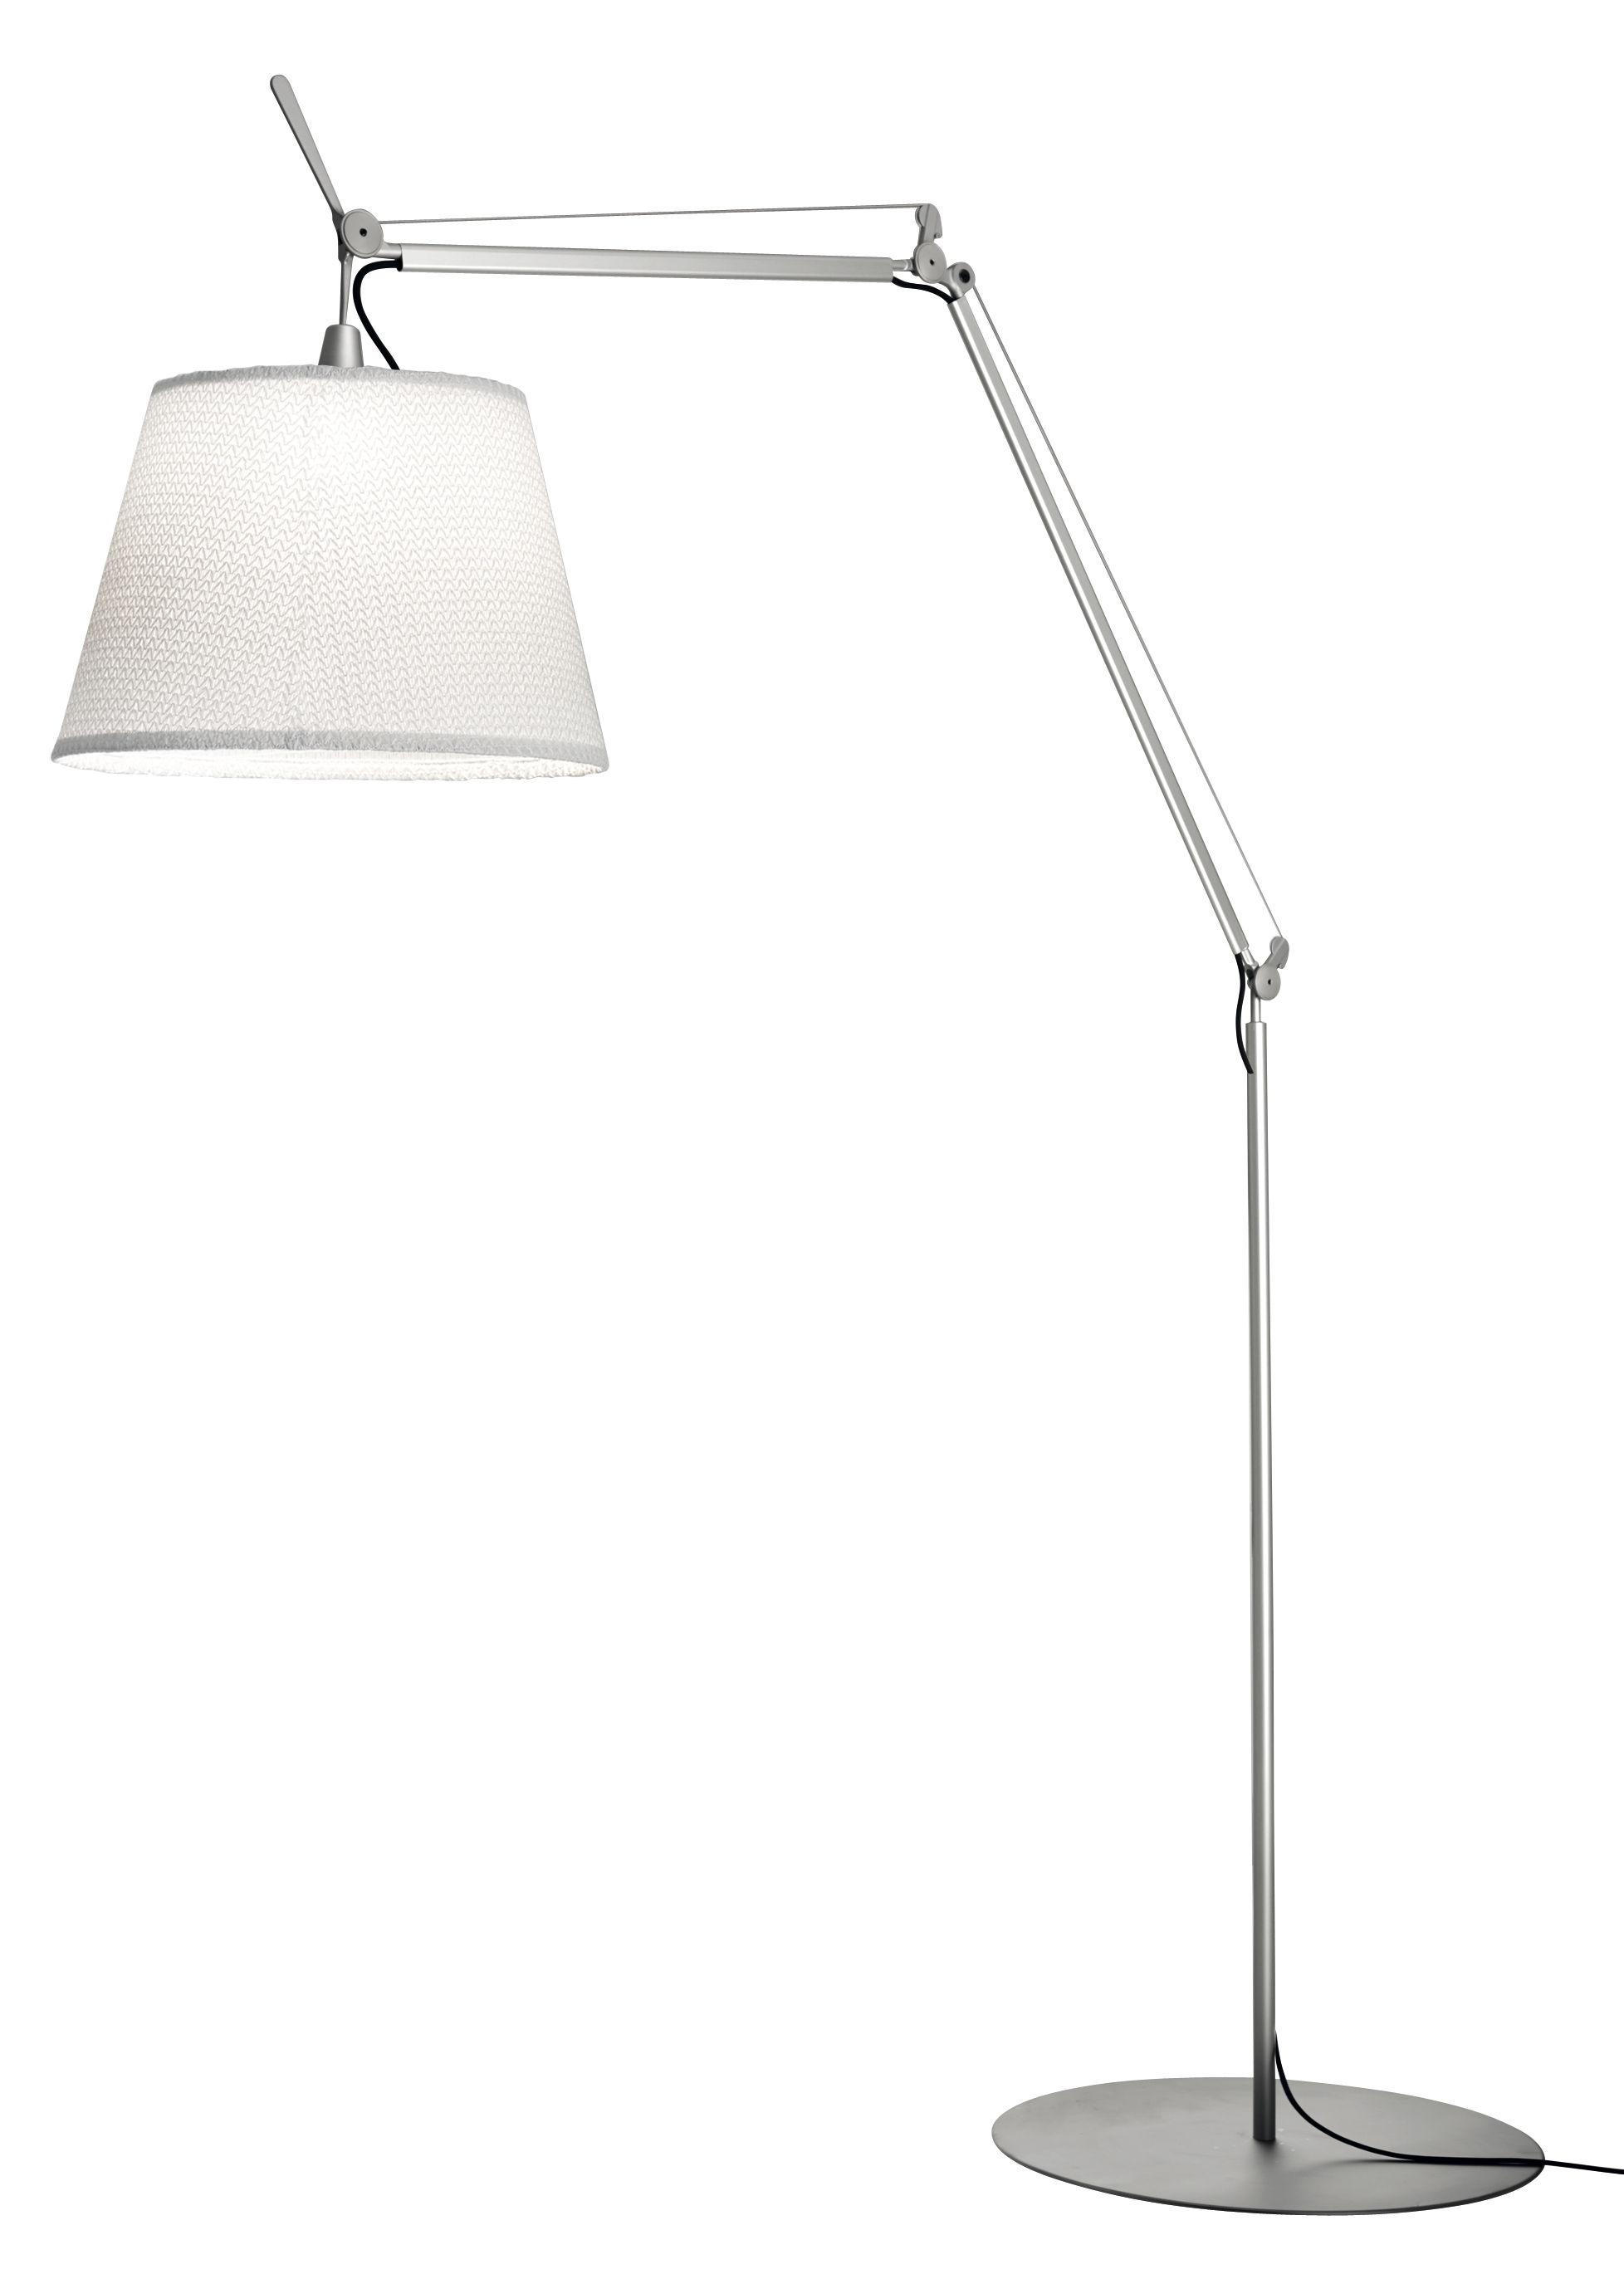 Luminaire - Lampadaires - Lampadaire Tolomeo Paralume LED Outdoor / H 132 à 298 cm - Artemide - Blanc - Aluminium, Tissu Thuia